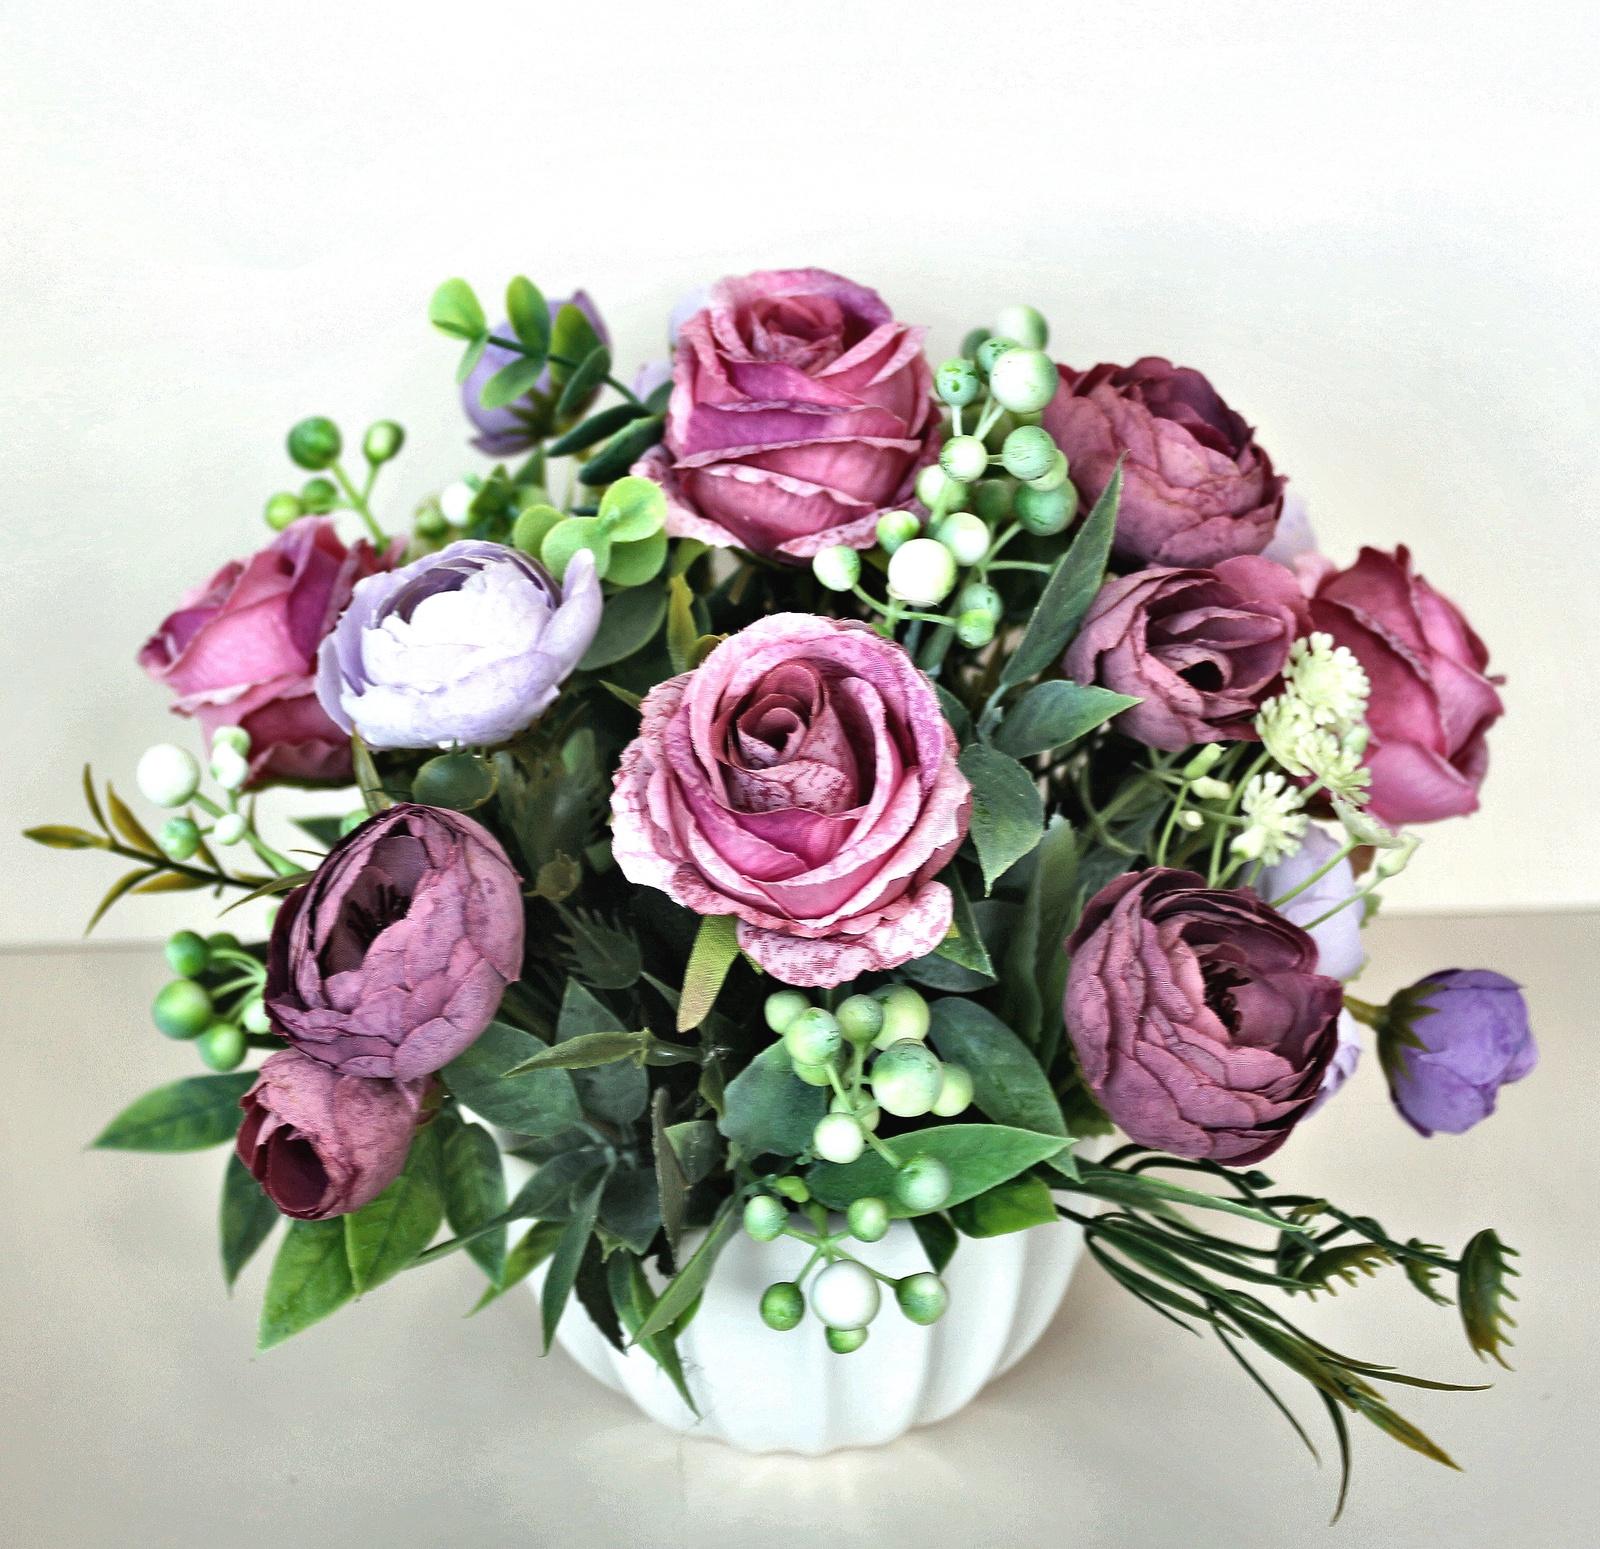 Искусственные цветы 403179, Текстиль букет белых роз в кашпо